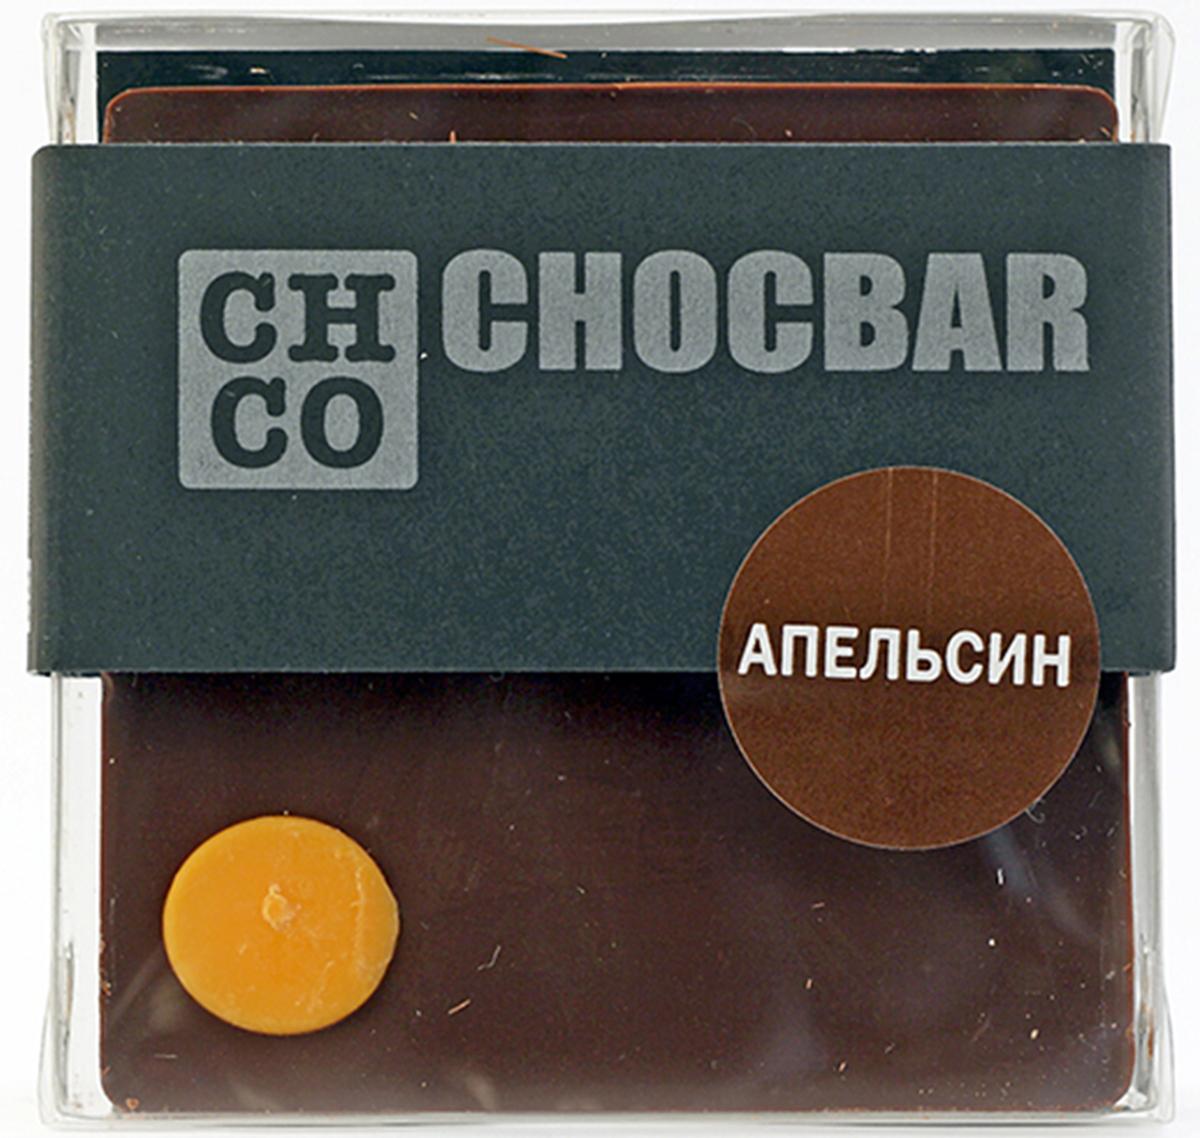 Chco Chocbar Dark Апельсин темный шоколад, 60 г4627073370265Chco Chocbar Dark Апельсин - настоящий бельгийский горький шоколад с потрясающим вкусом и ароматом апельсина. Изысканный микс терпких тонов какао и свежих нот апельсина прекрасно гармонирует. Испытайте истинное удовольствие!